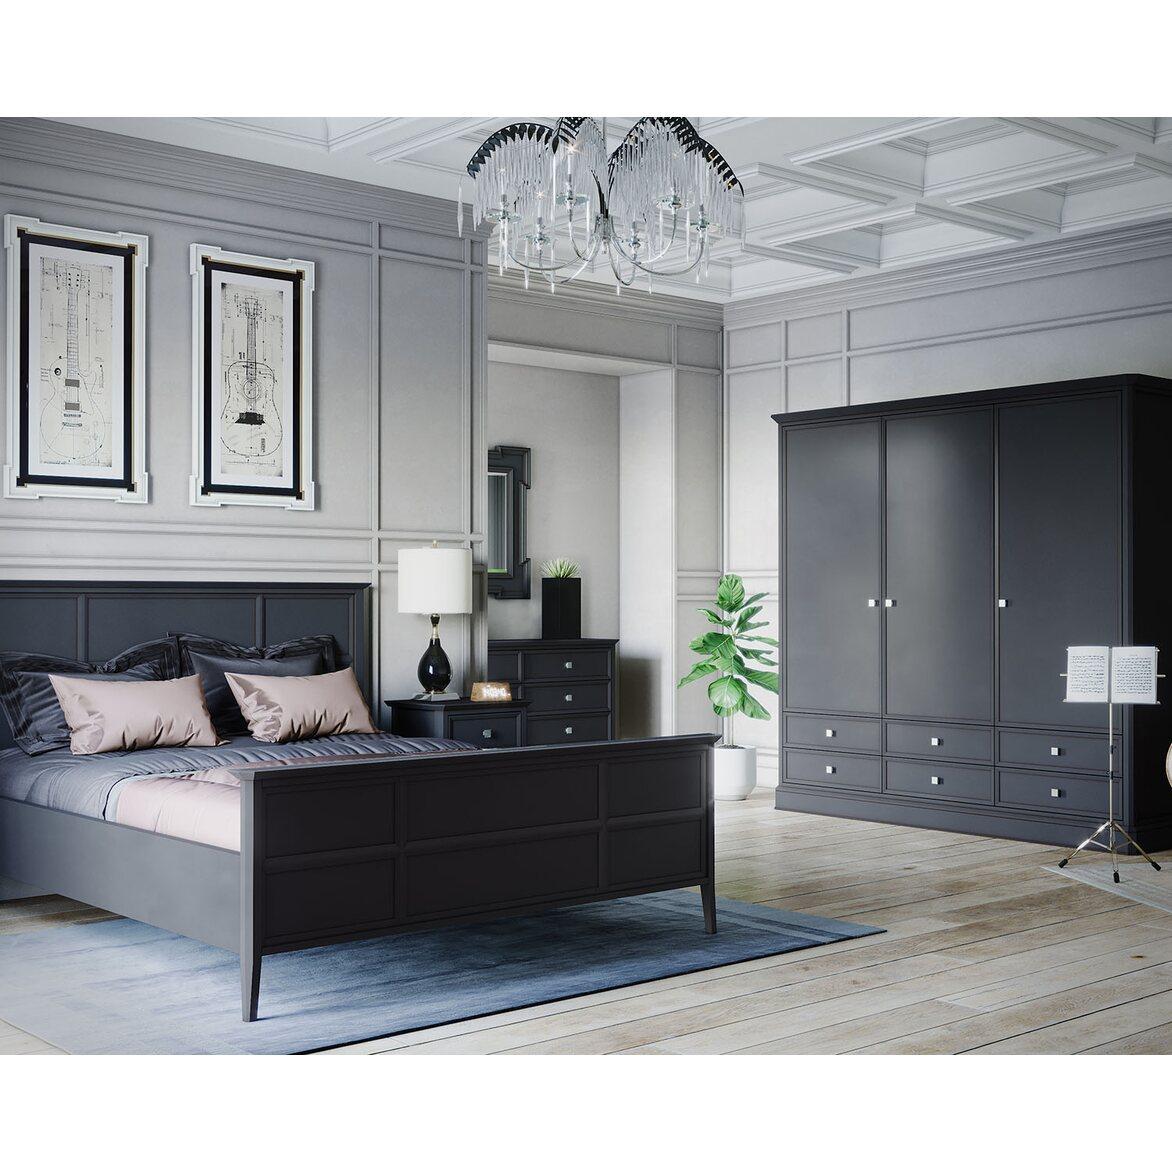 Кровать 160*200 Ellington, черная 6 | Двуспальные кровати Kingsby